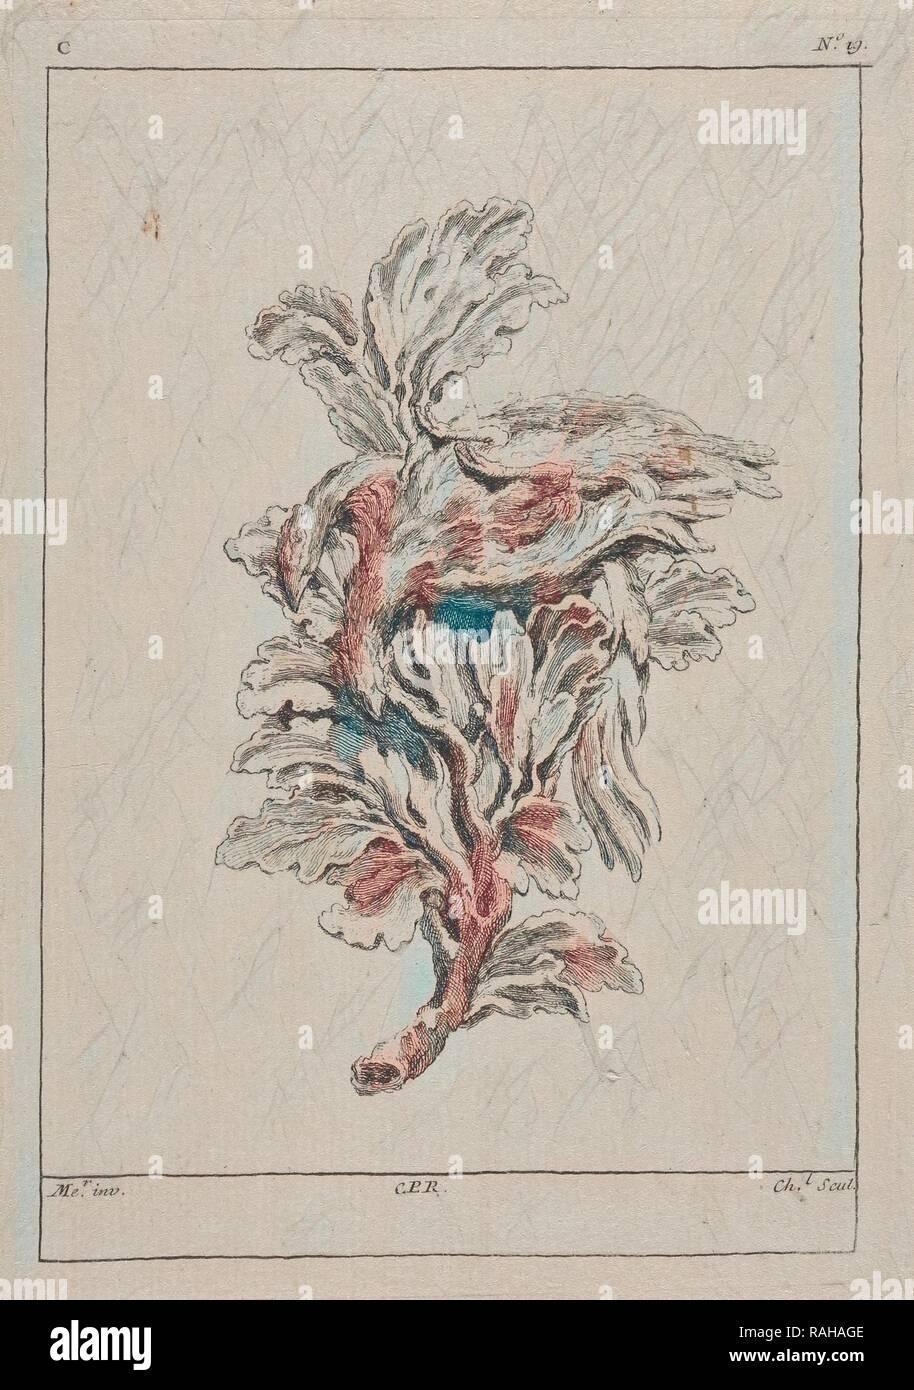 Piastra C19 dal Livre de légumes inventées et dessinées par J. Me.r, Chedel, Pierre Quentin, 1705-1763, Huquier reinventato Immagini Stock